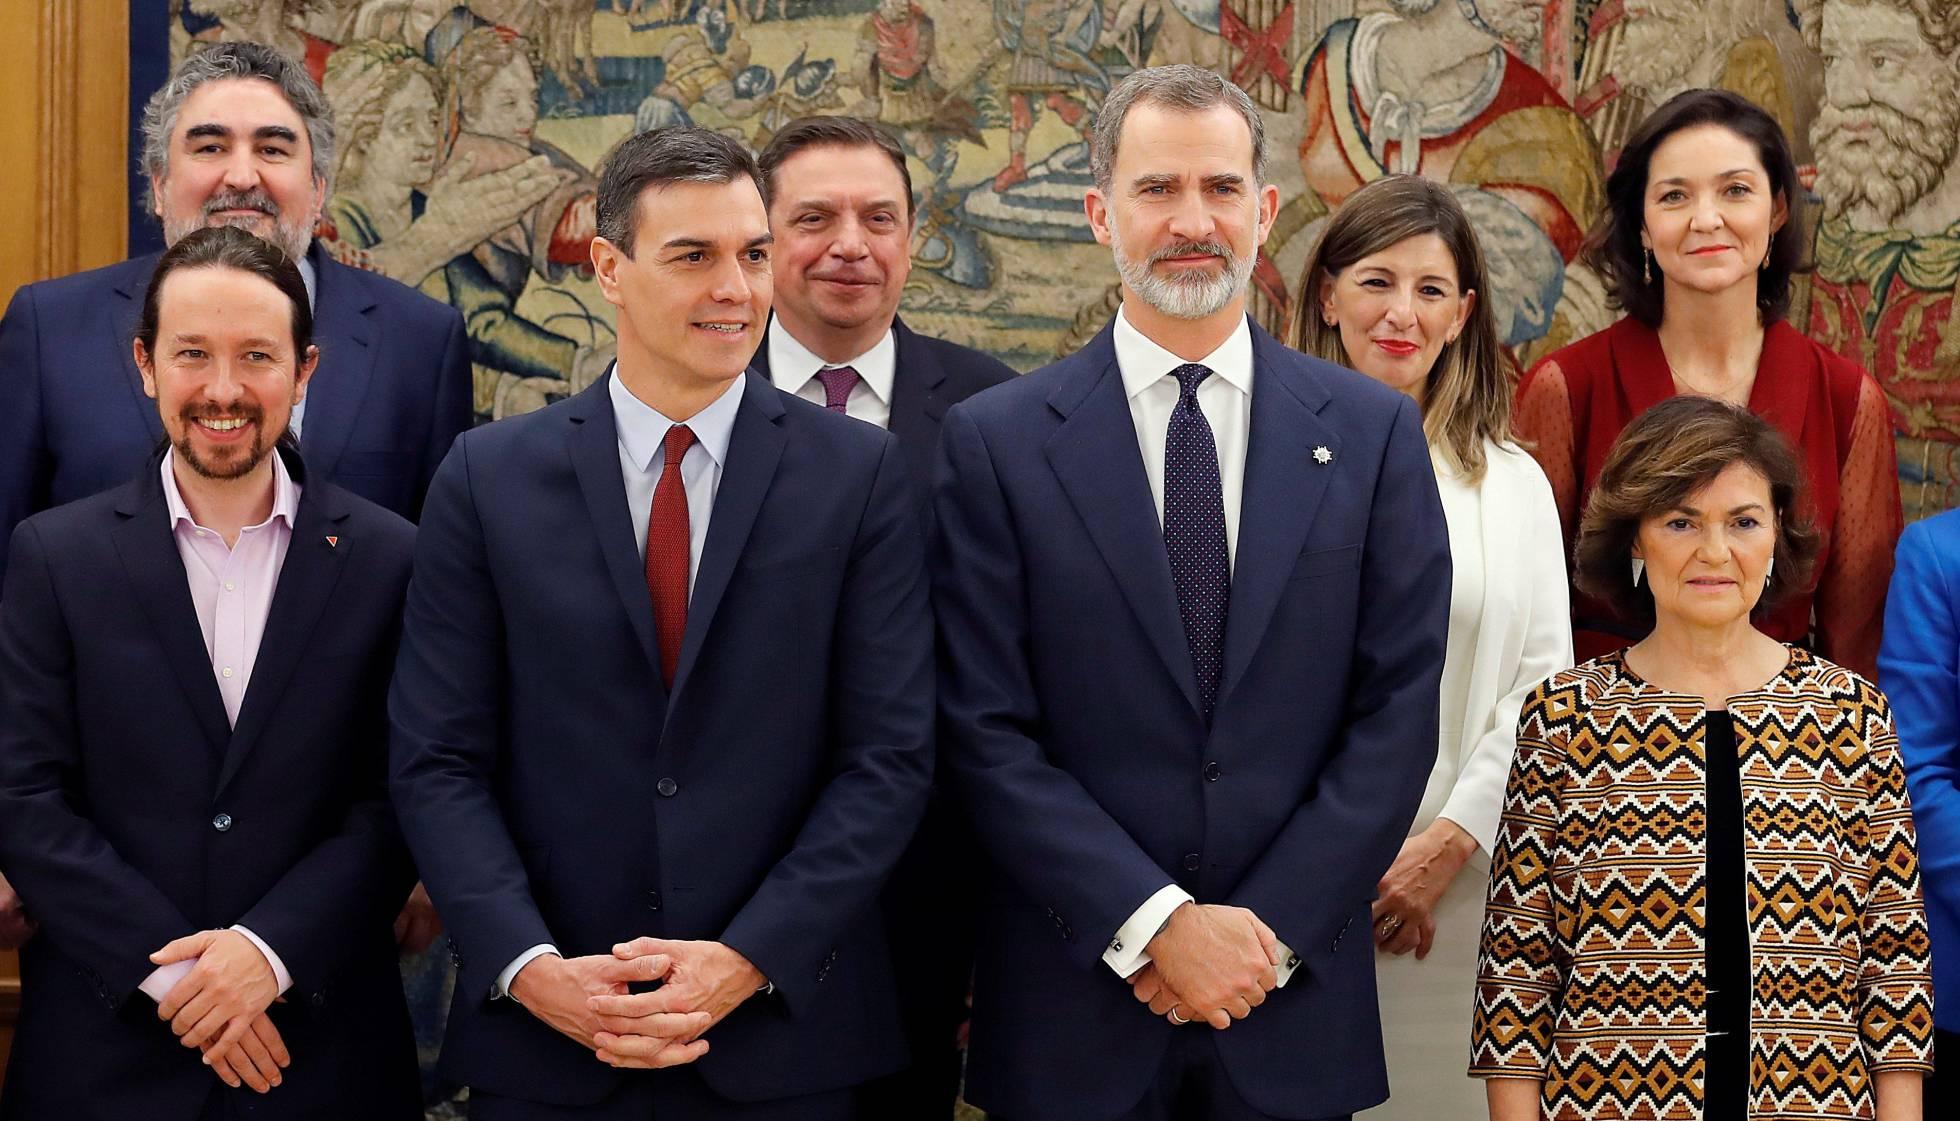 España: Pedro Sánchez llama a la unidad pese a las diferencias en su gobierno de coalición